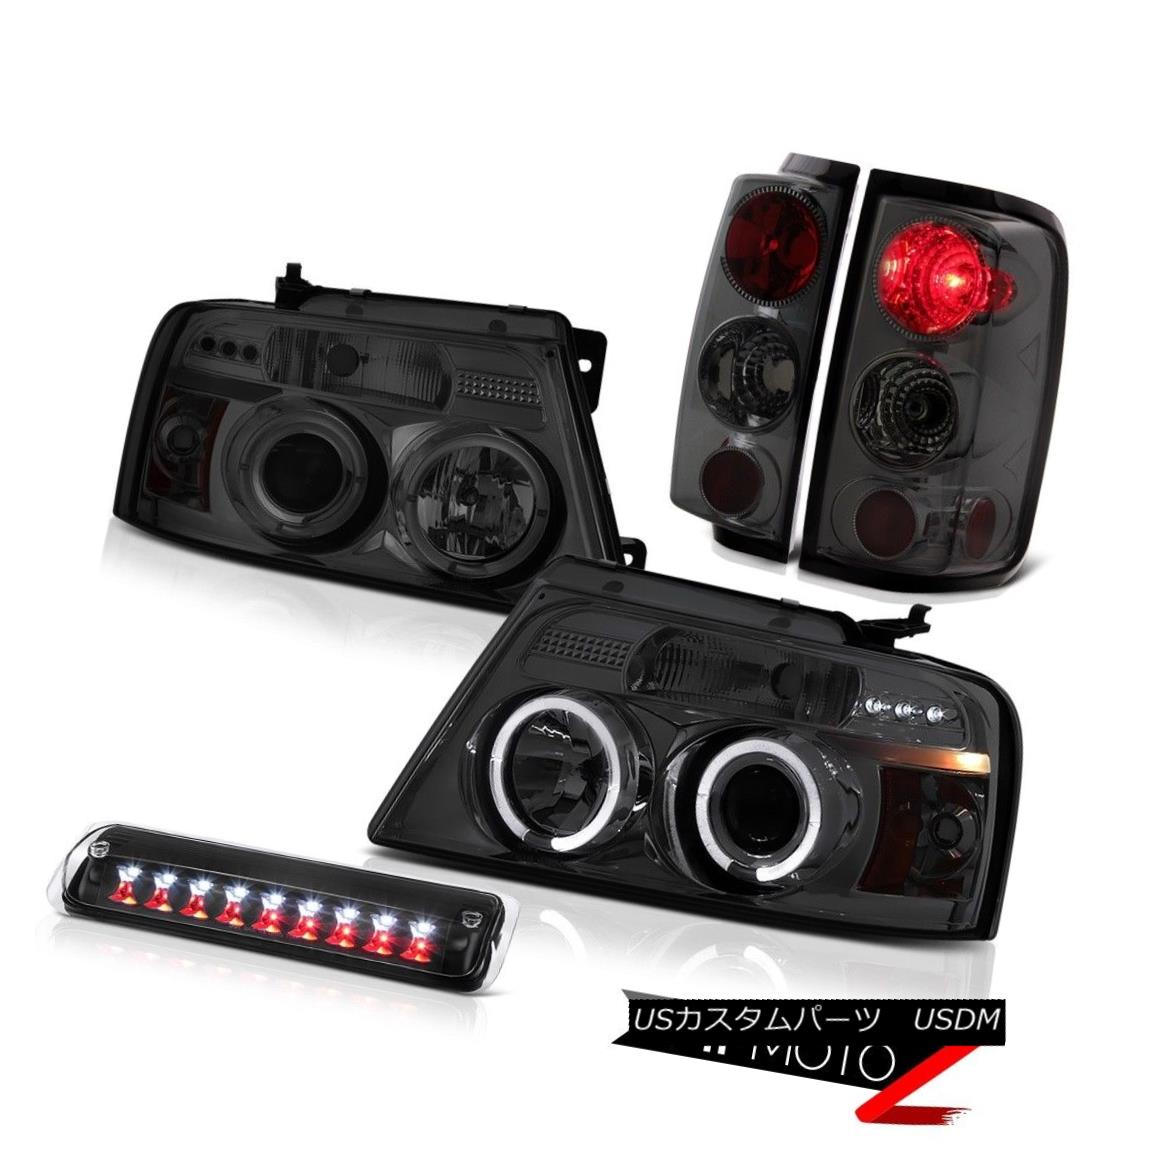 テールライト 04-08 Ford F150 XLT Black Roof Brake Light Smoked Headlights Rear Lights Euro 04-08 Ford F150 XLTブラックルーフブレーキライトスモークヘッドライトリアライト